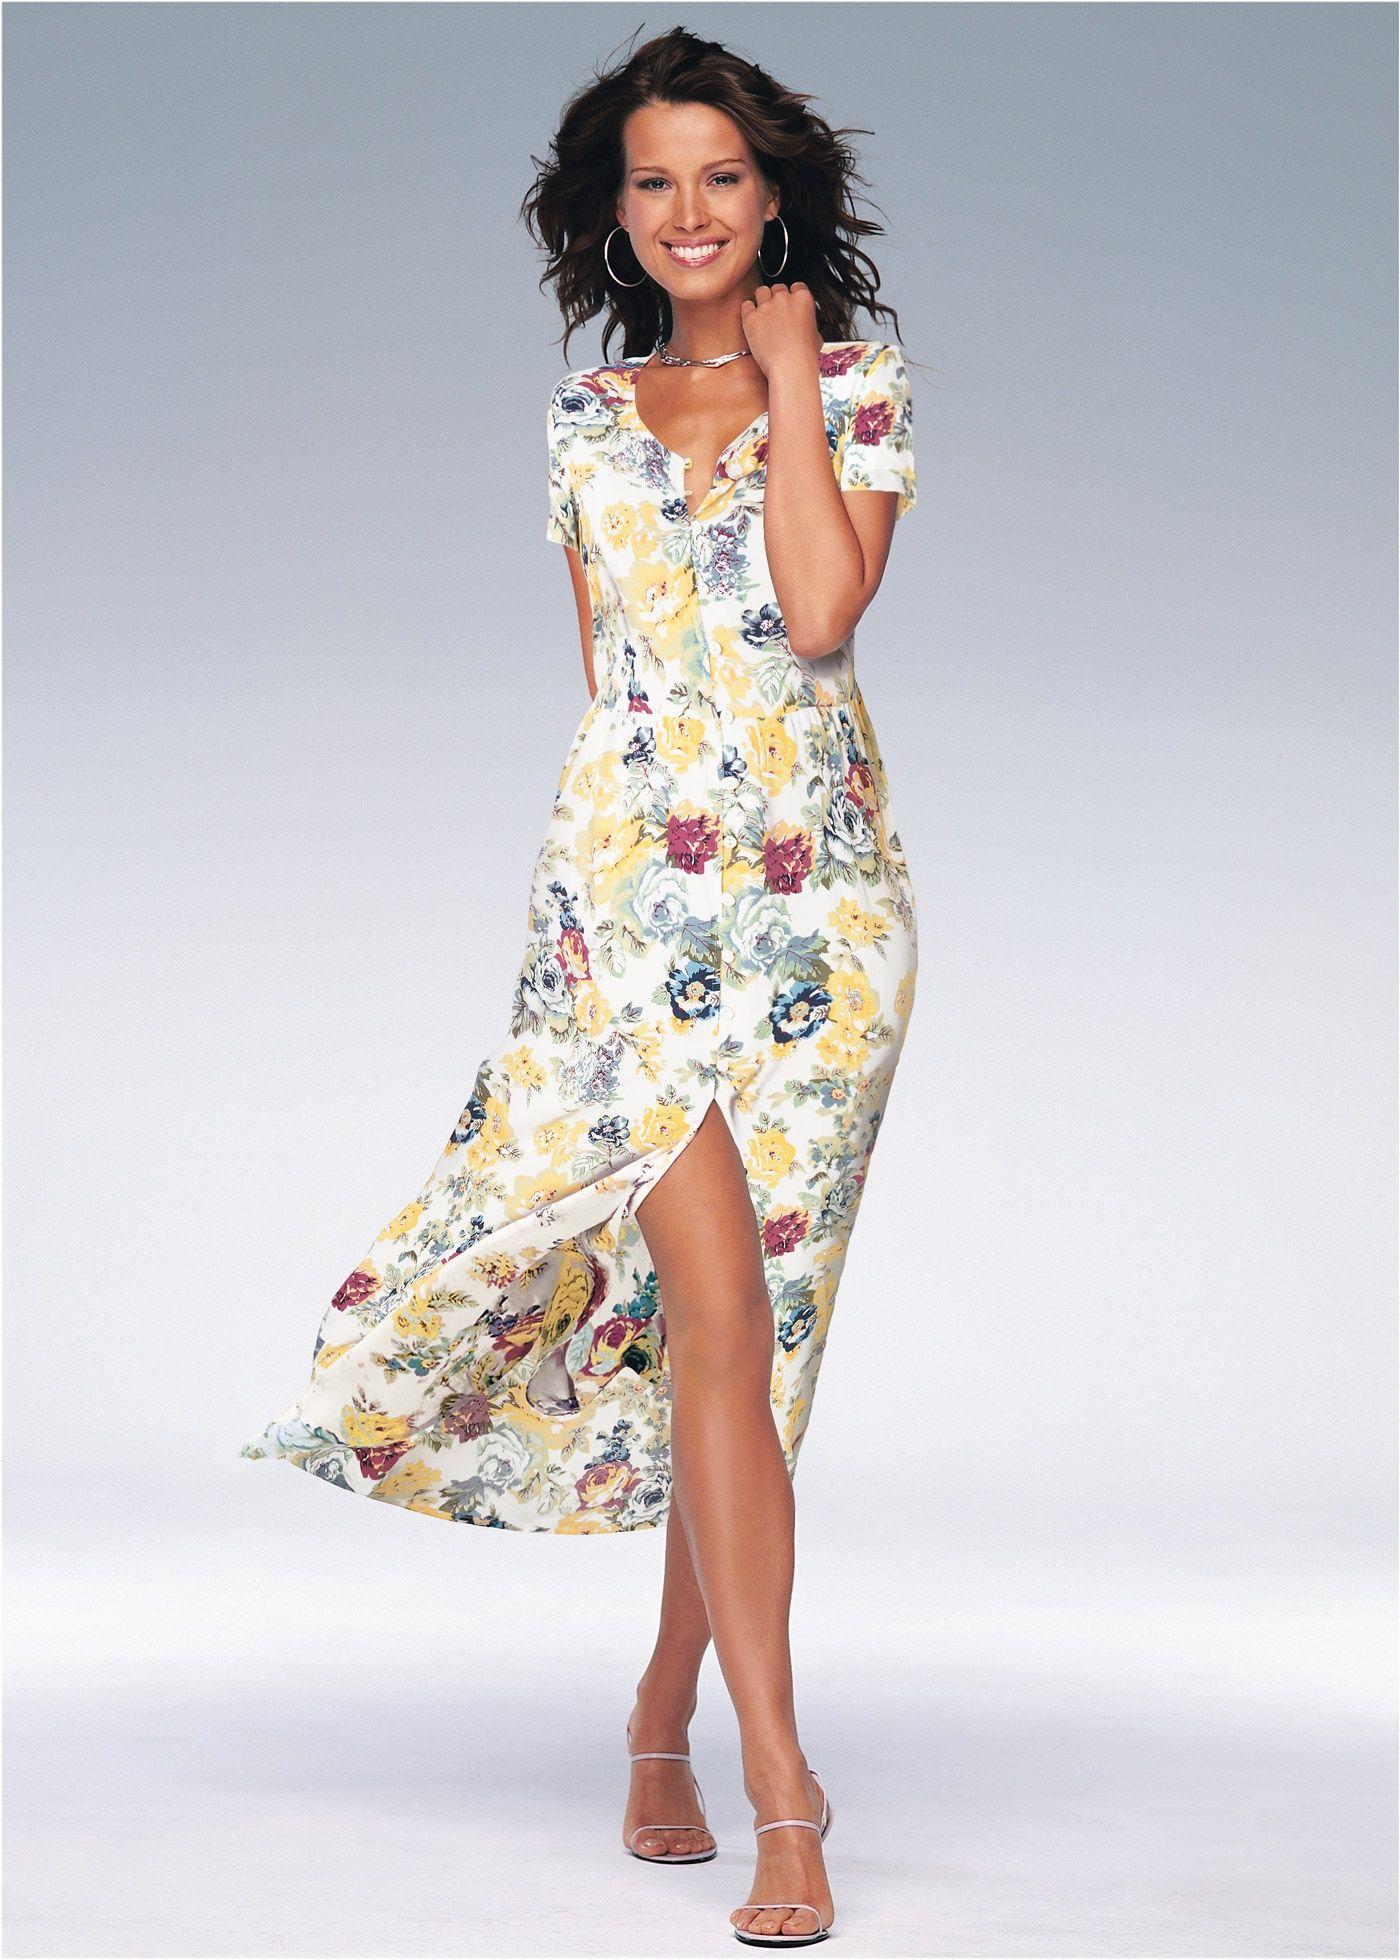 f3c75c5728a0 Hemdblusenkleid wollweiß/hibiskuspink bedruckt - bpc selection jetzt ...